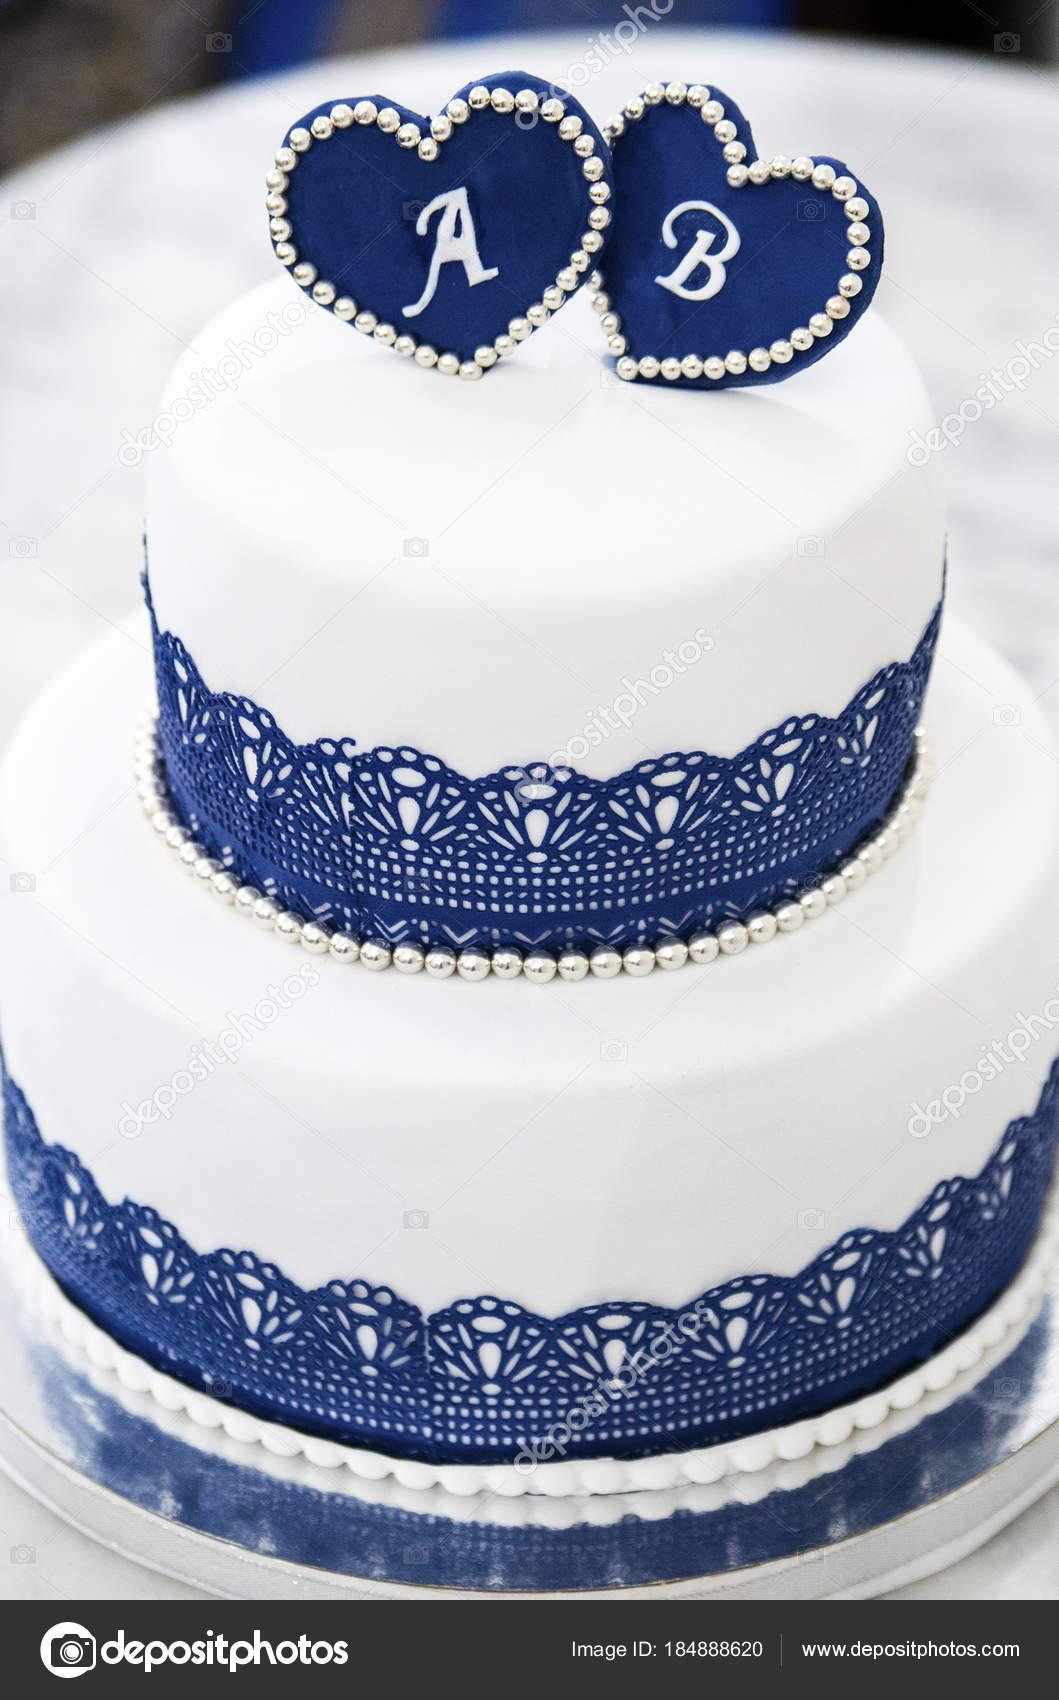 Weiss Blaue Hochzeitstorte Mit Herzen Mit Buchstaben Stockfoto